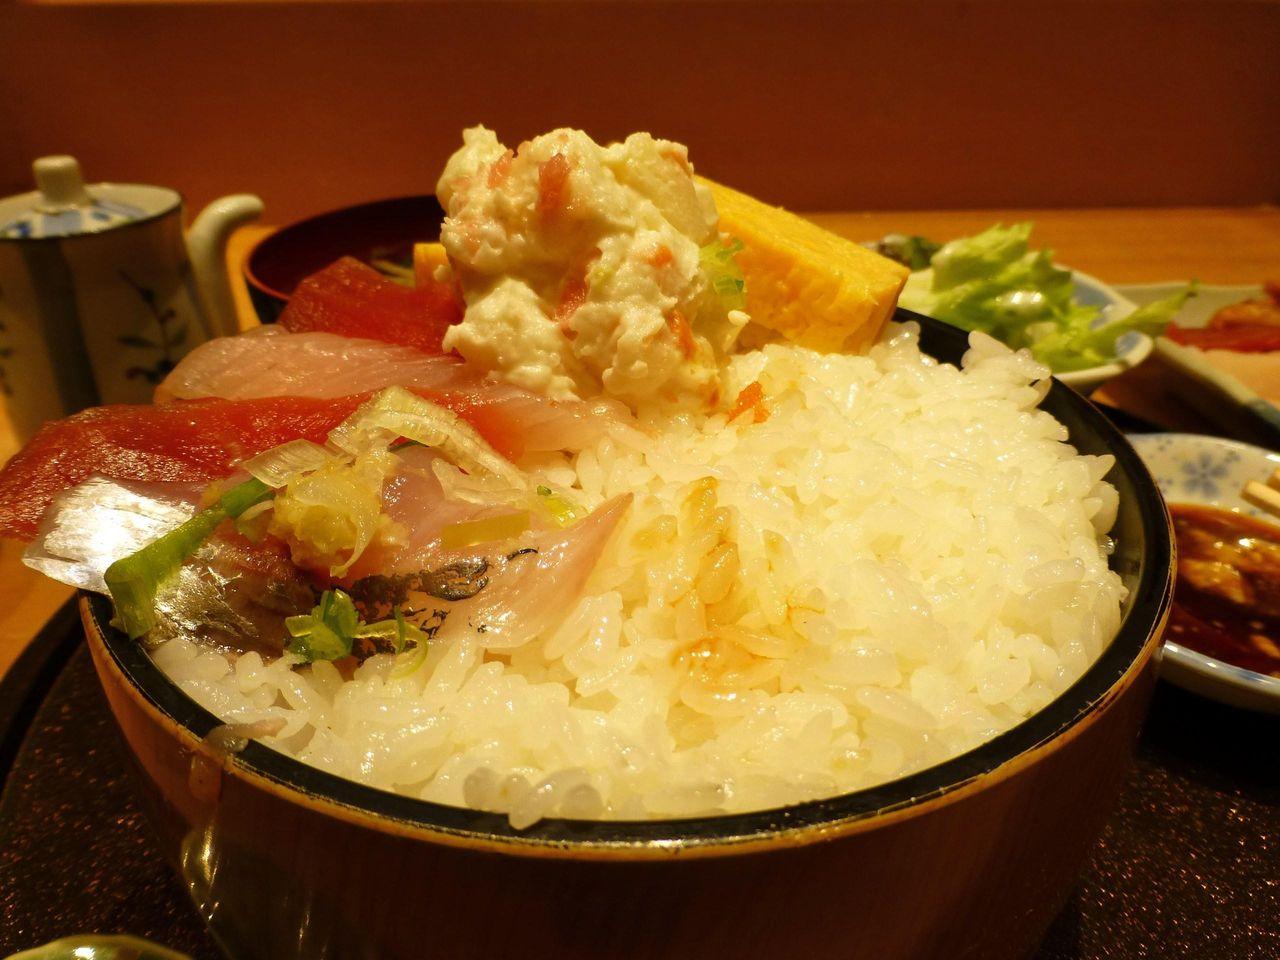 ちらし大盛りの酢飯は、器のフチまで盛ってあります!